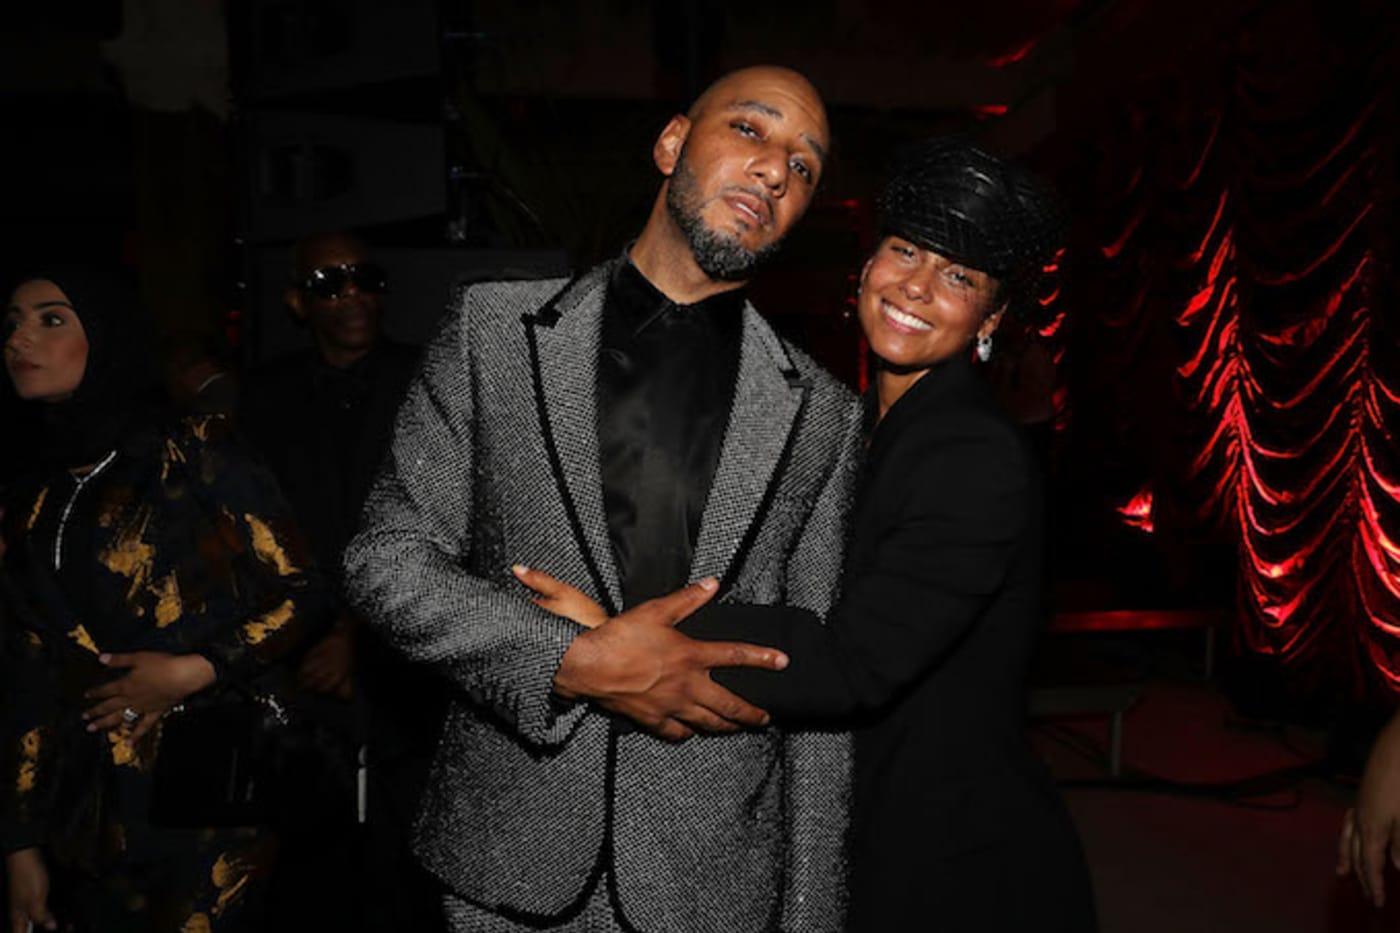 Swizz Beatz and Alicia Keys in NYC